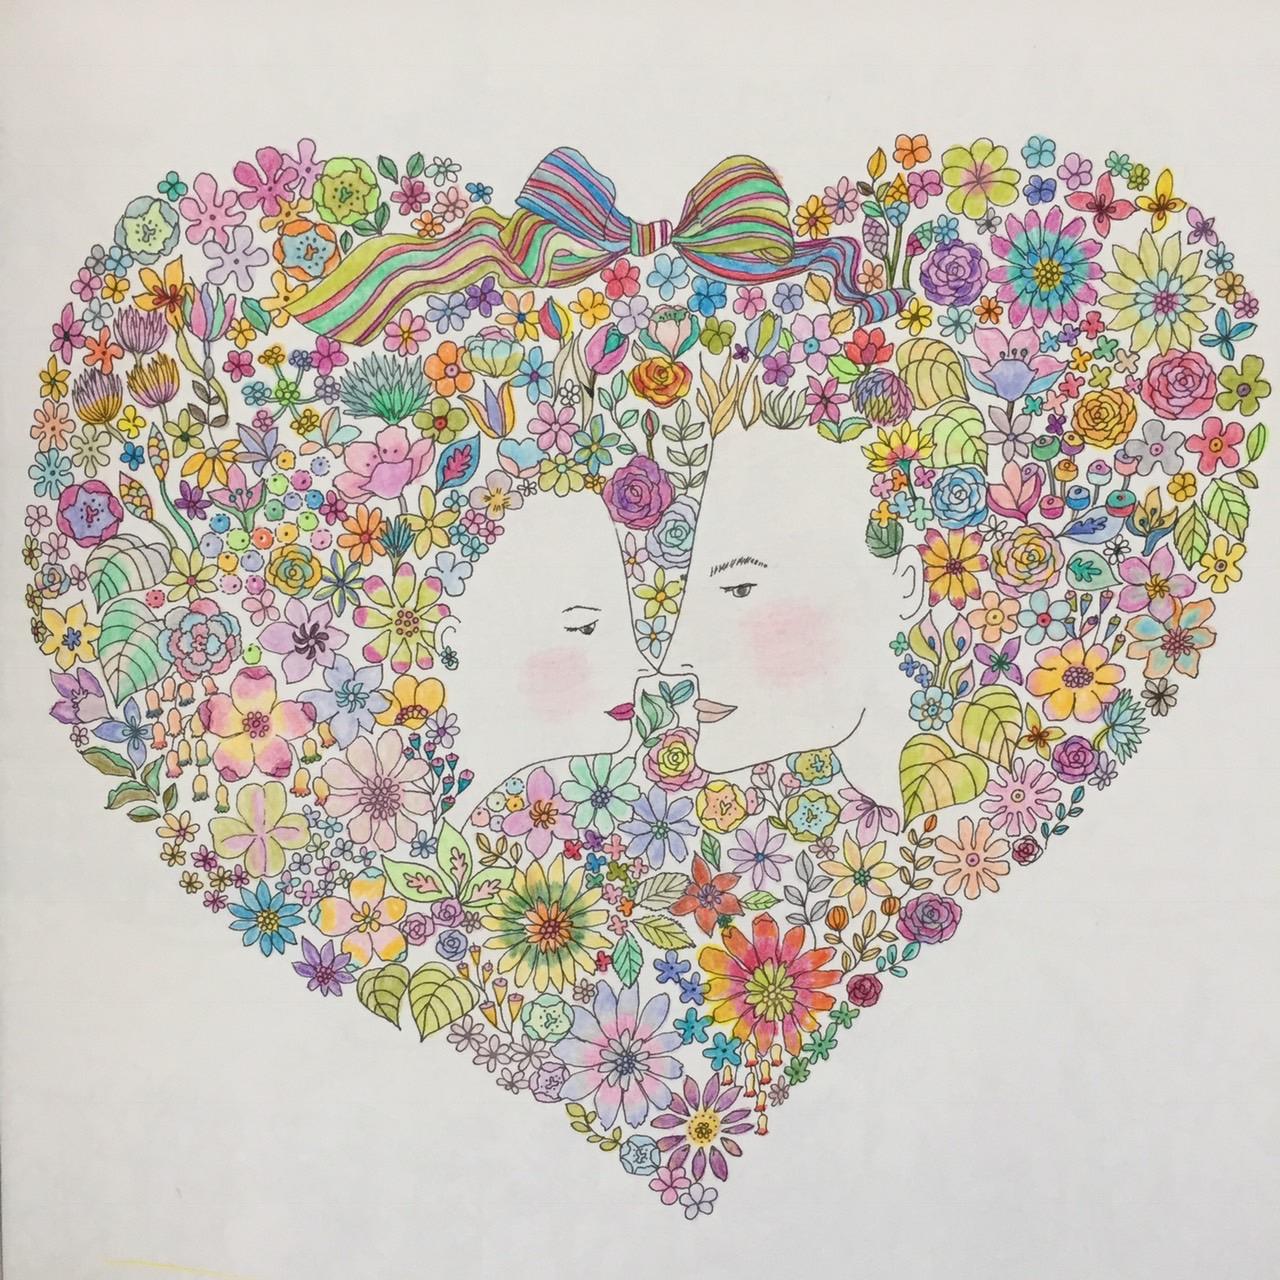 浅田さん作成の「おとなの塗り絵」